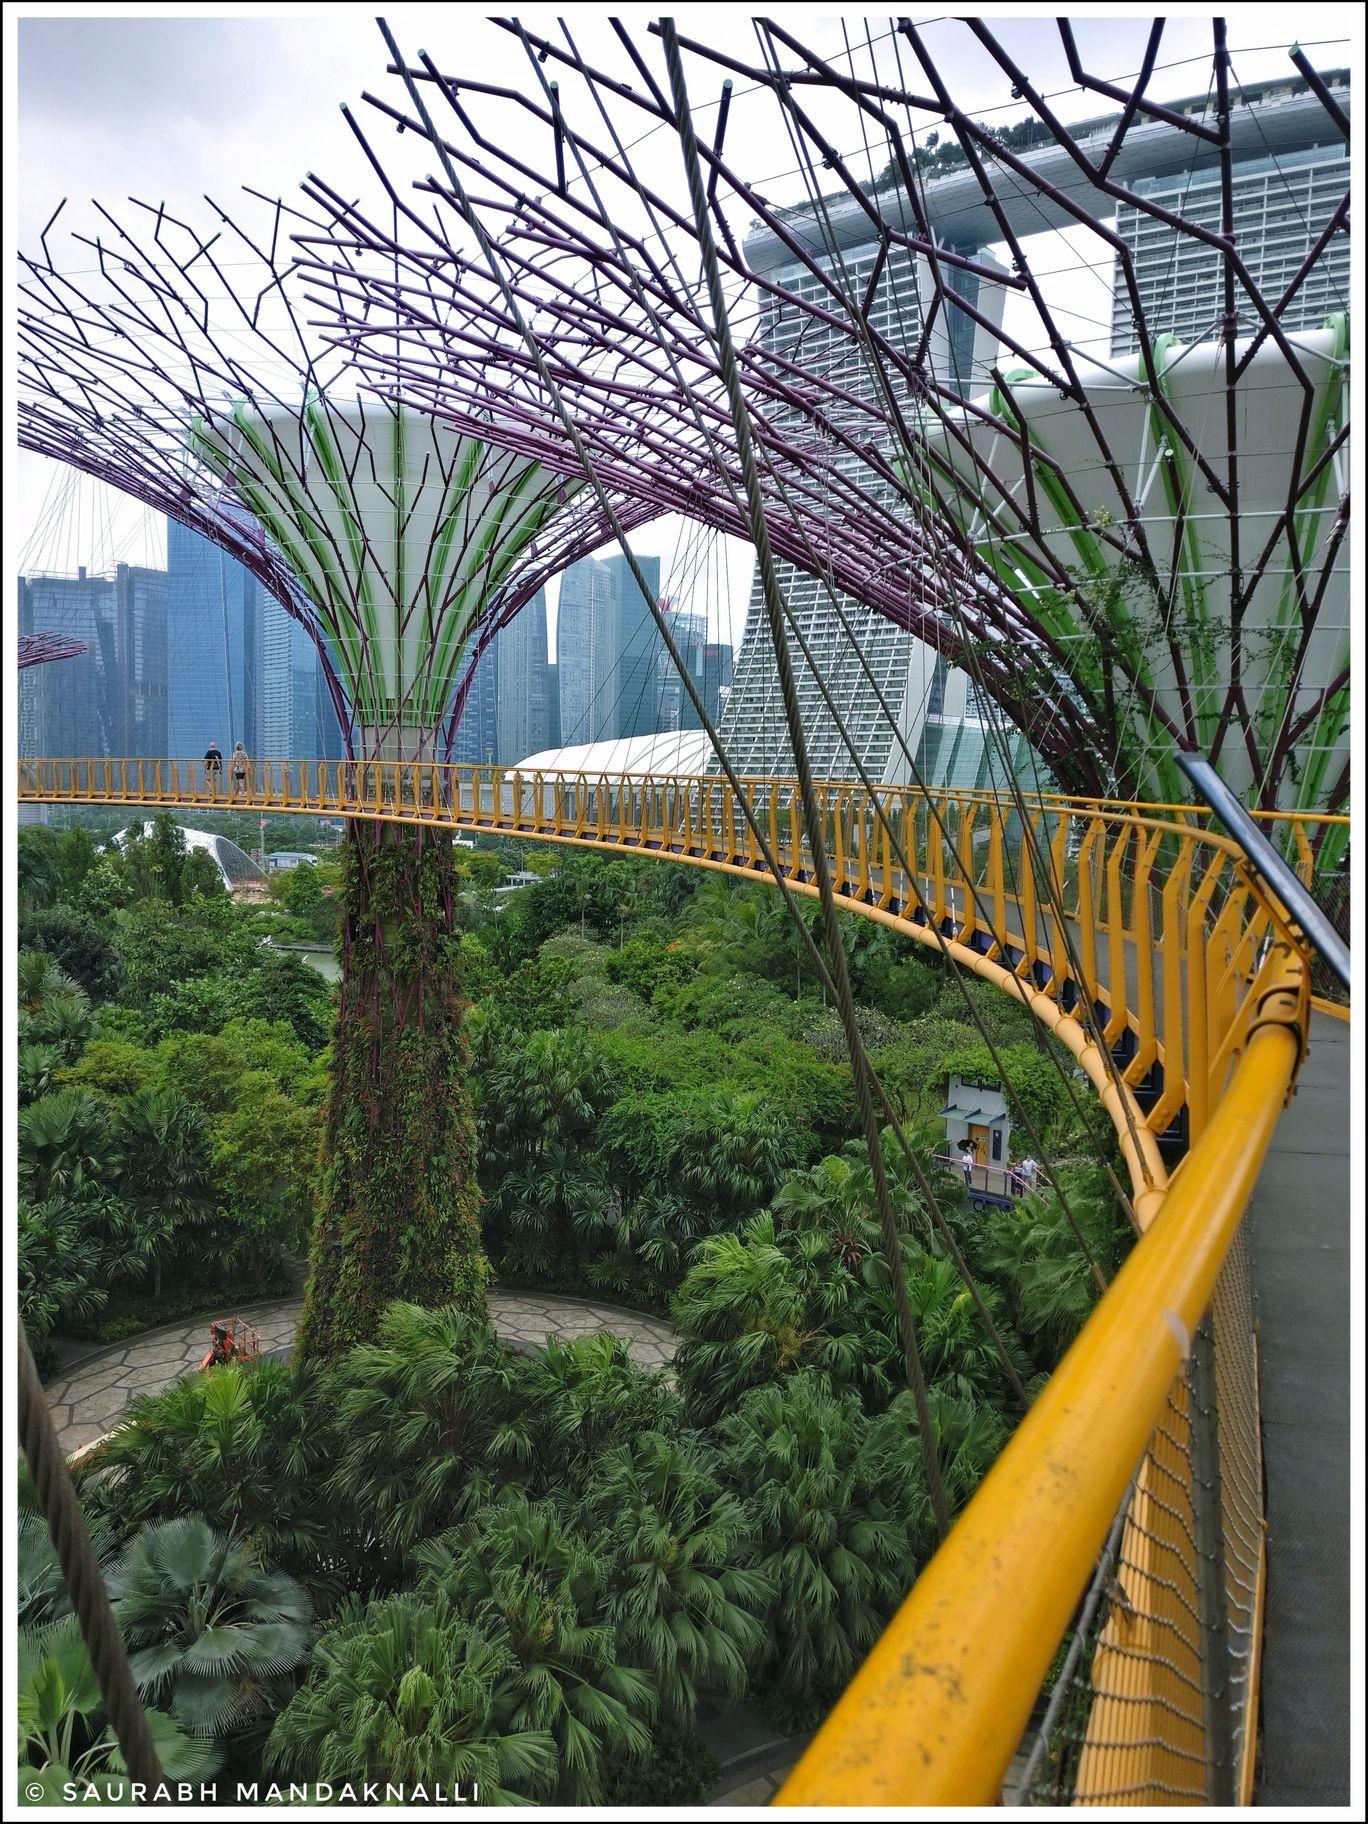 Photo of Singapore By Saurabh Mandaknalli